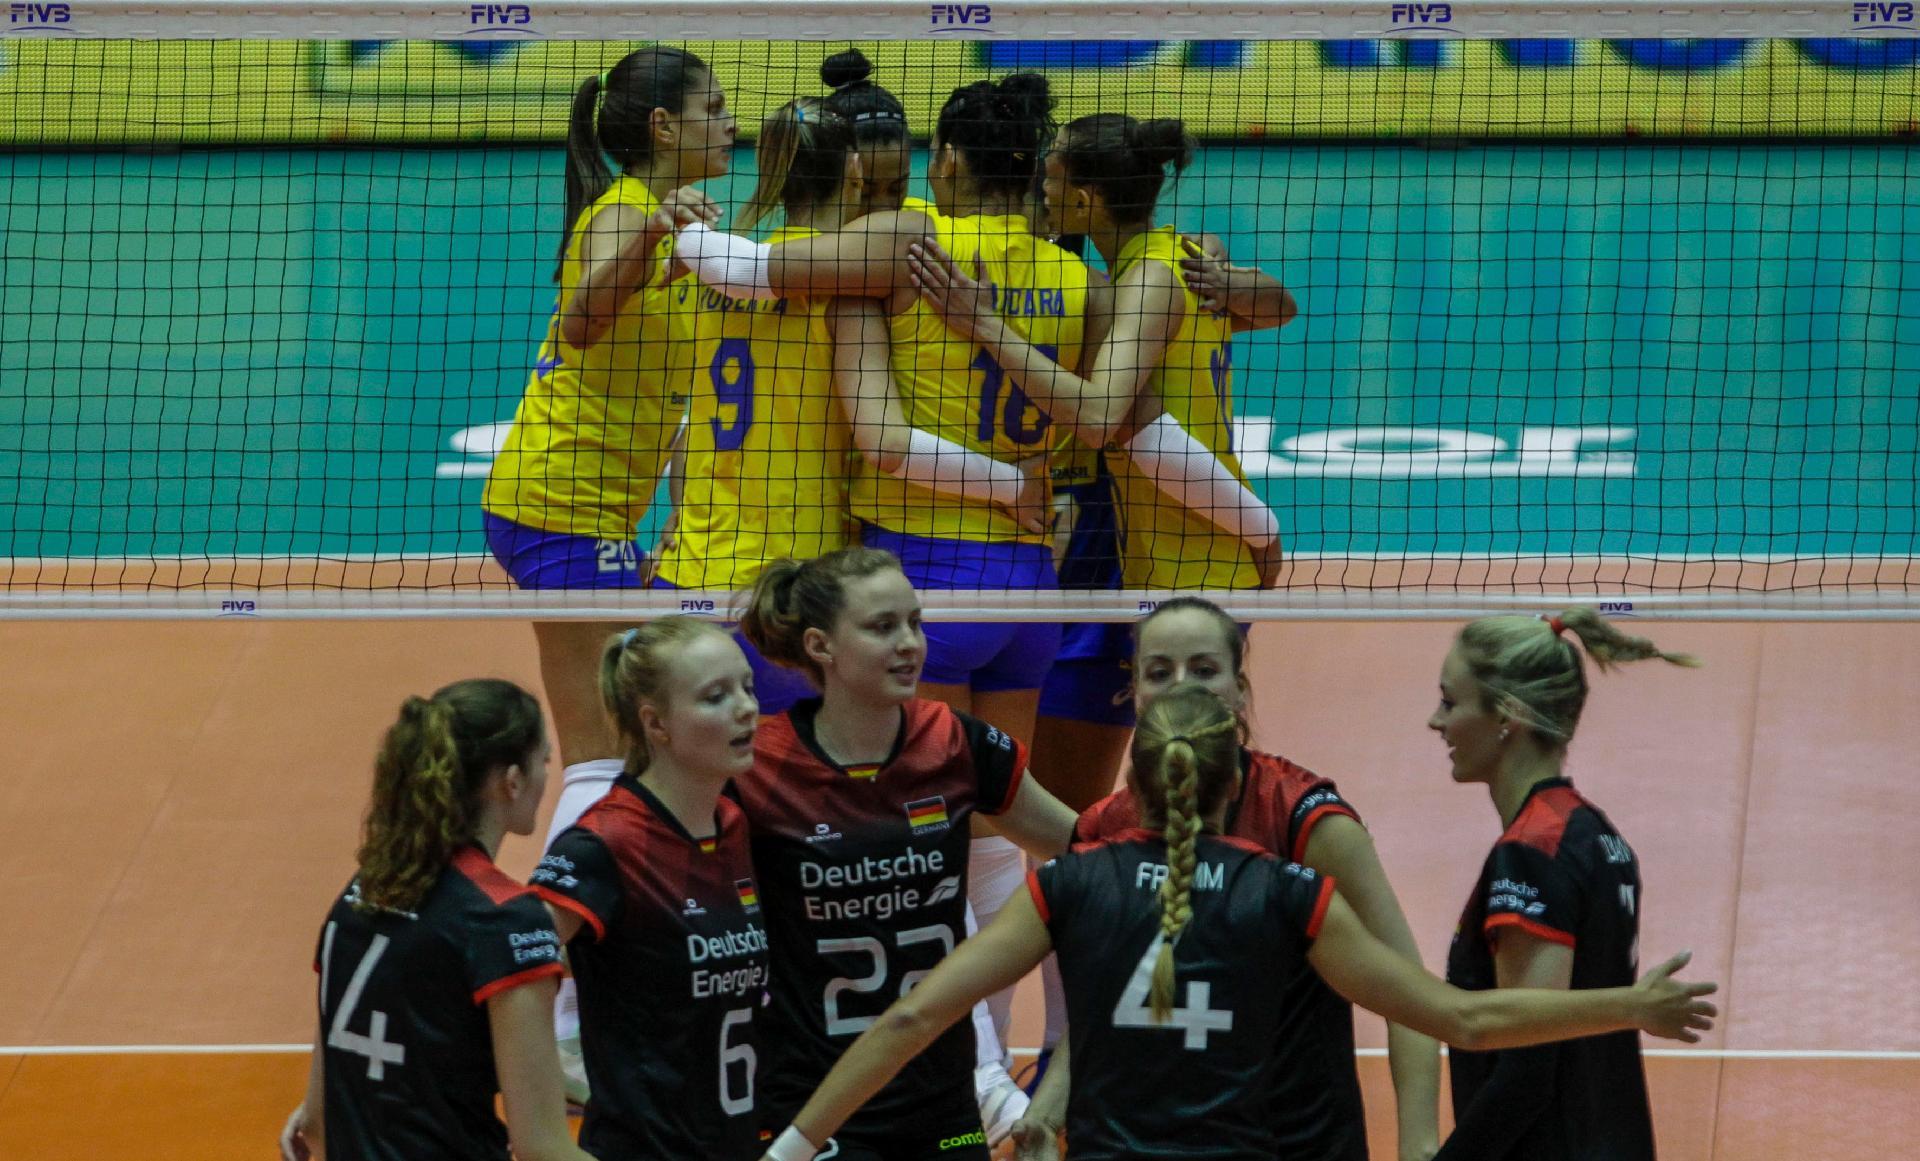 71c10c95b9 Brasil comemora ponto sobre a Alemanha em jogo pela Liga das Nações